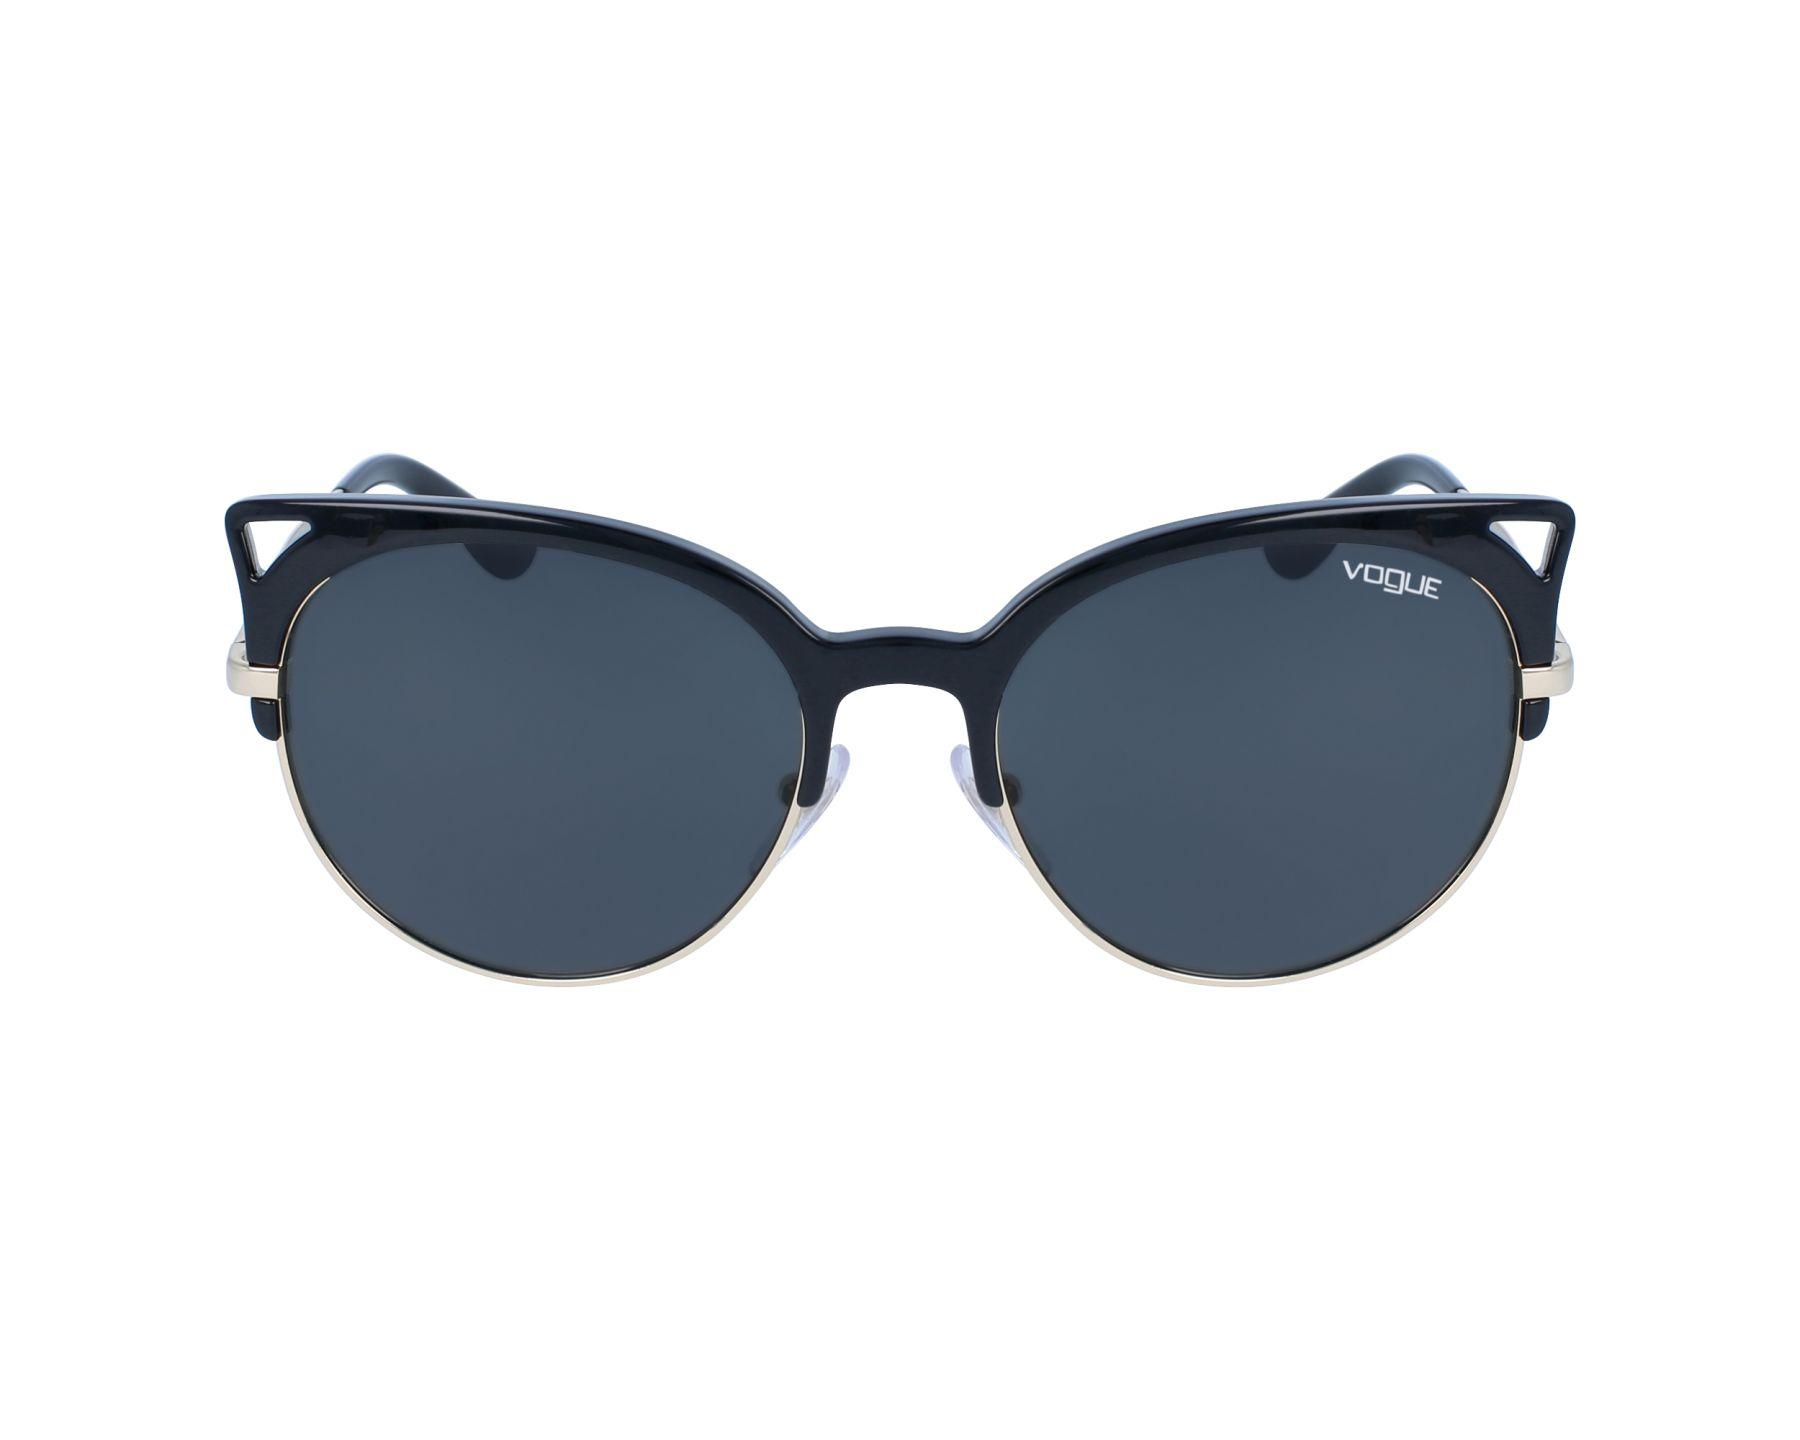 992c7f119a6b0 Sunglasses Vogue VO-5137-S W44 87 55-19 Black Gold profile